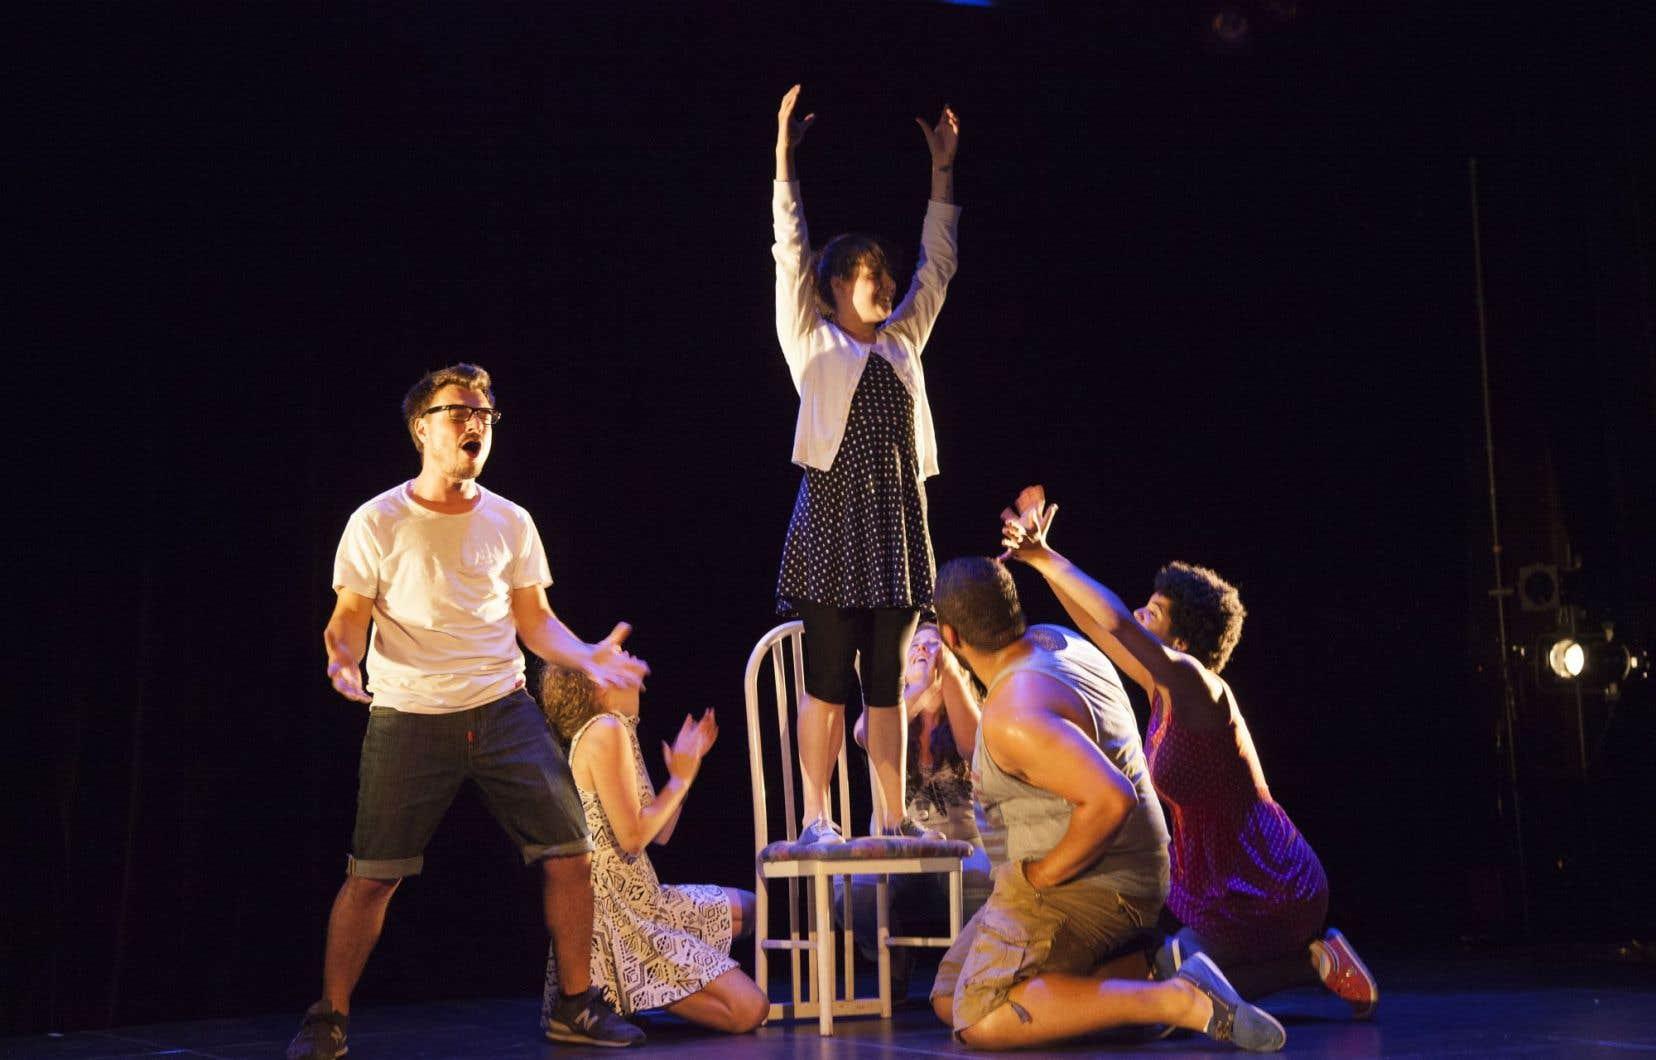 «Autorisation parentale», une pièce présentée dans le cadre de Zone Homa, un festival artistique éclaté.